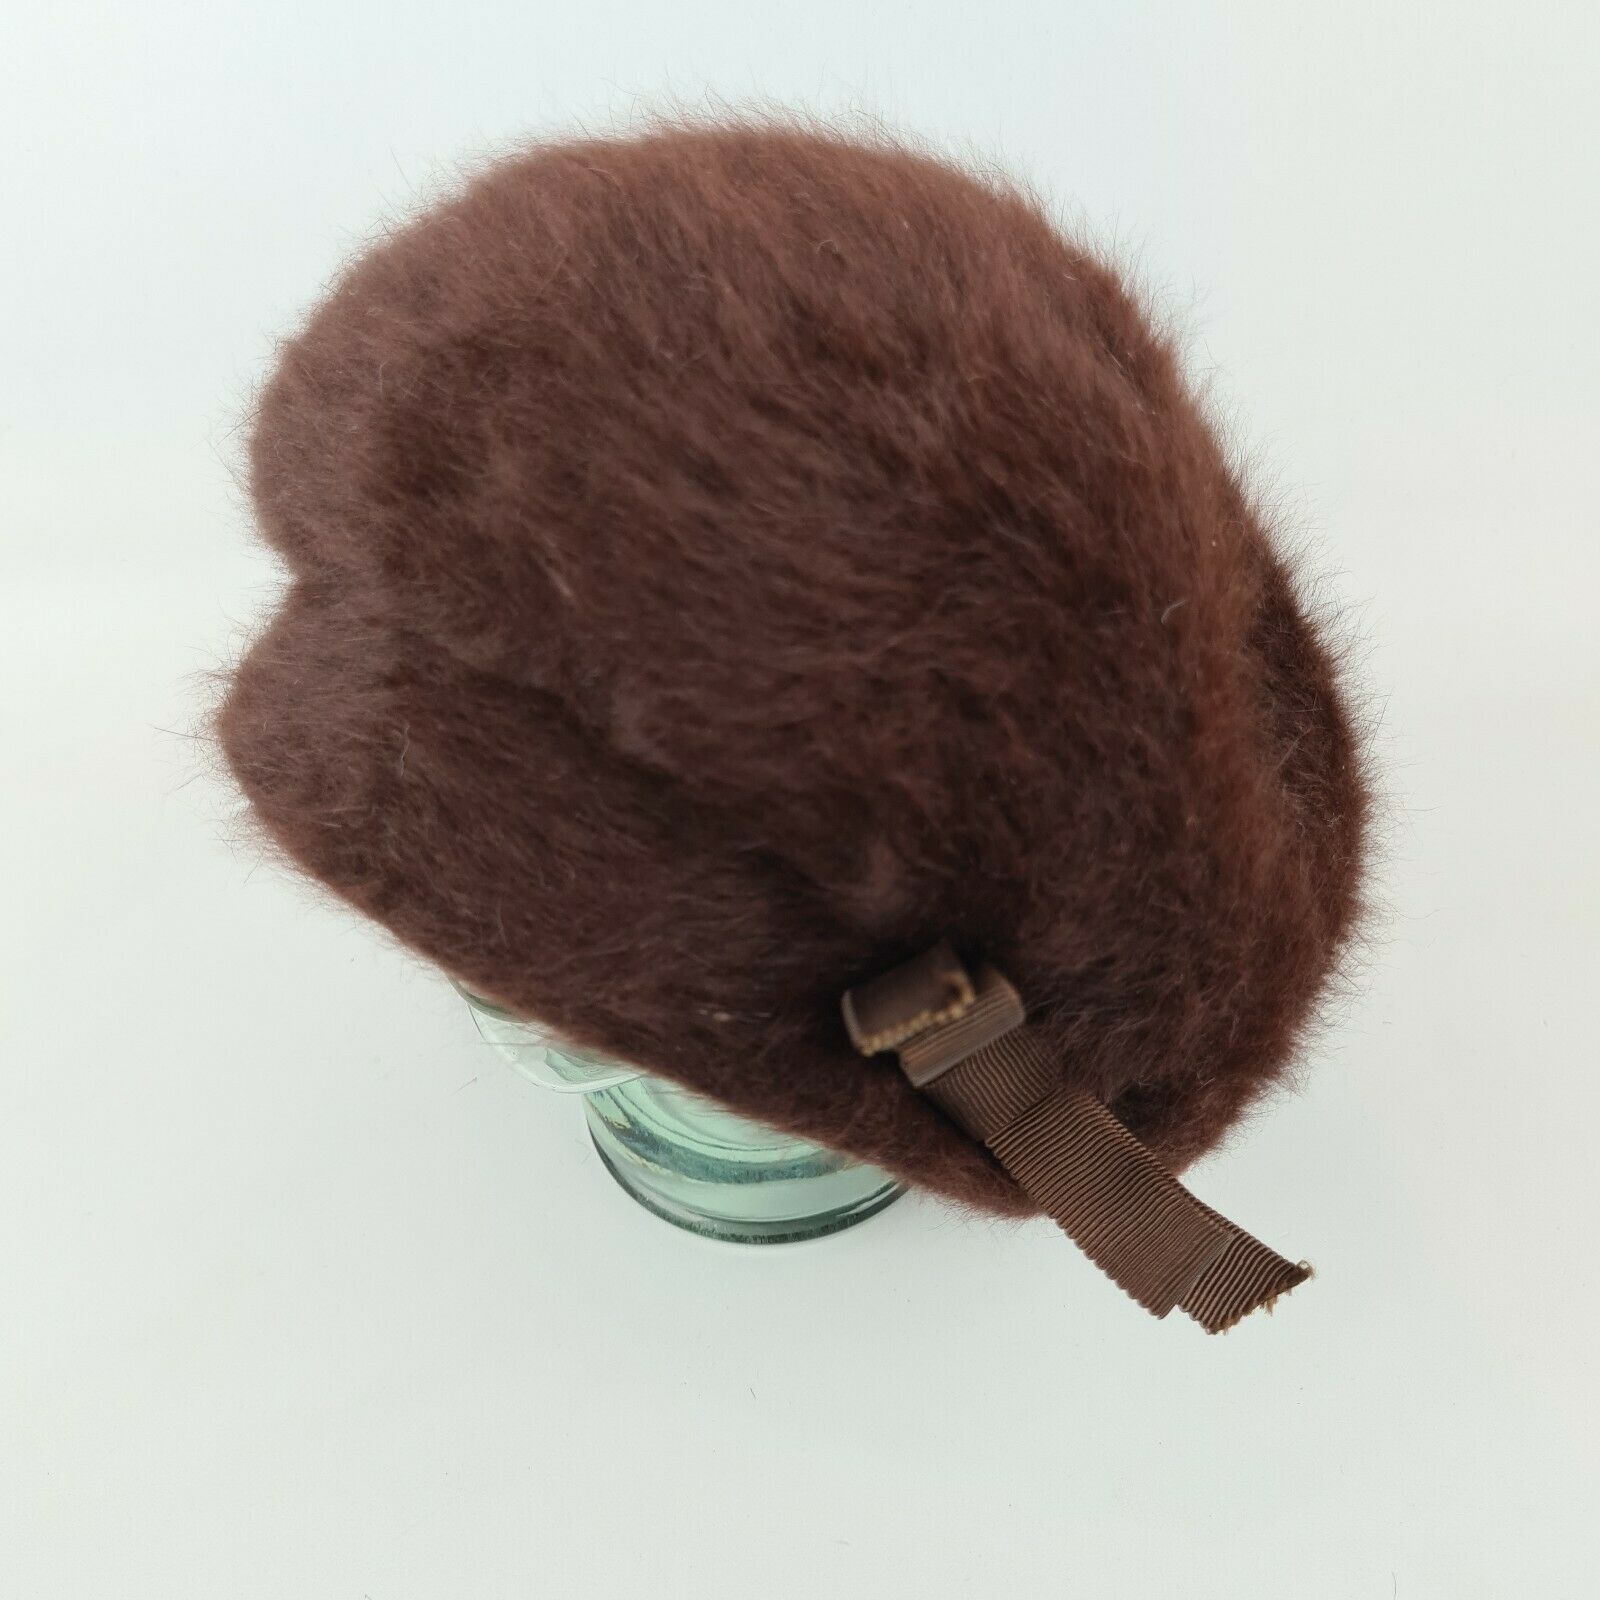 Vintage Kangol Diseño Pastillero Sombrero Angora Piel Marrón Oscuro Made In England 52cm